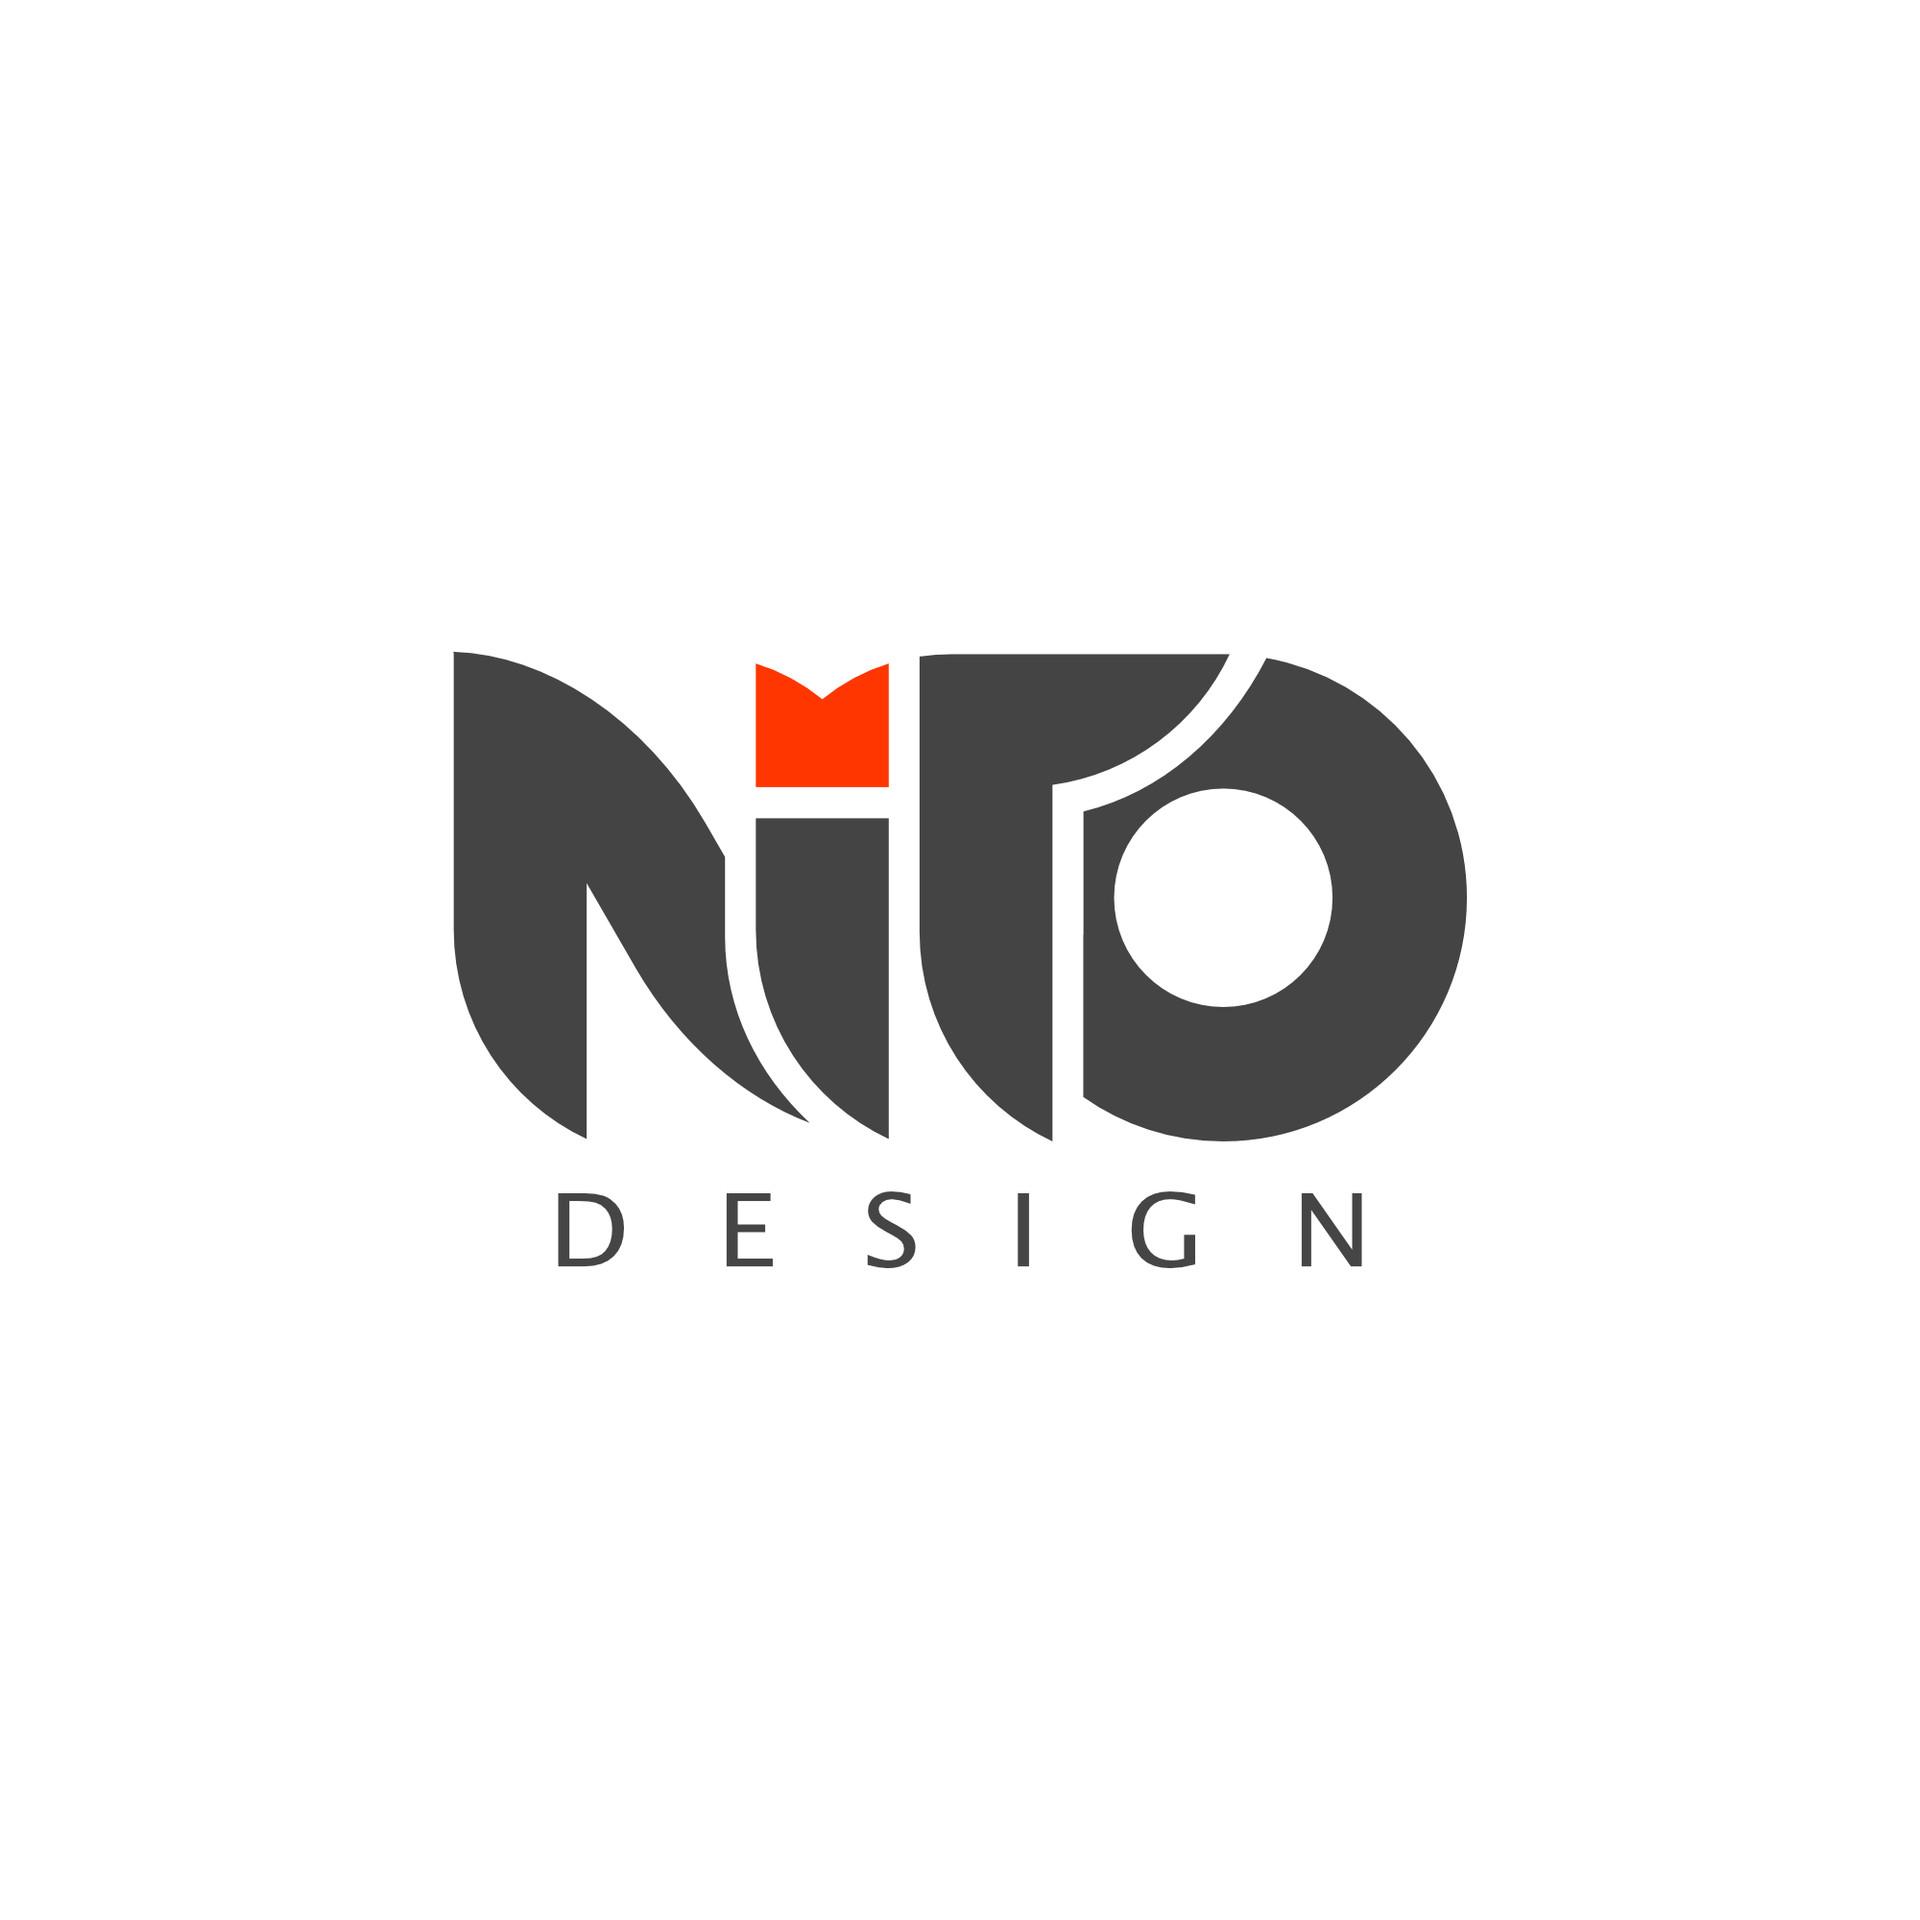 Nito Design